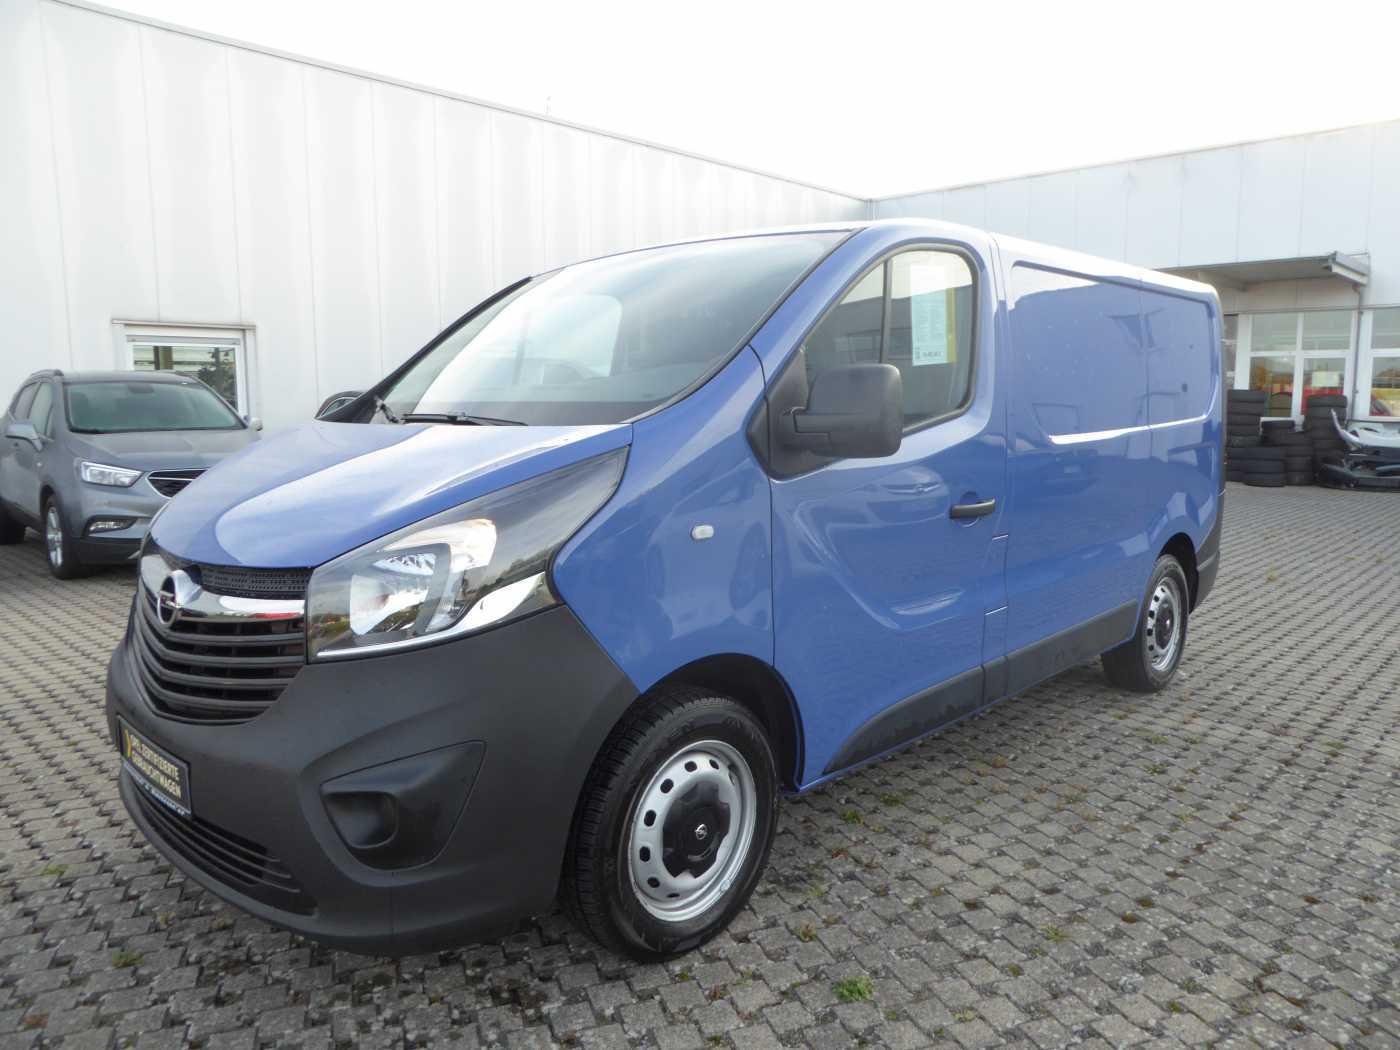 Opel Vivaro B 1.6 CDTI L1H1 AHK ALLWETTERREIFEN PARKPILOT, Jahr 2016, Diesel